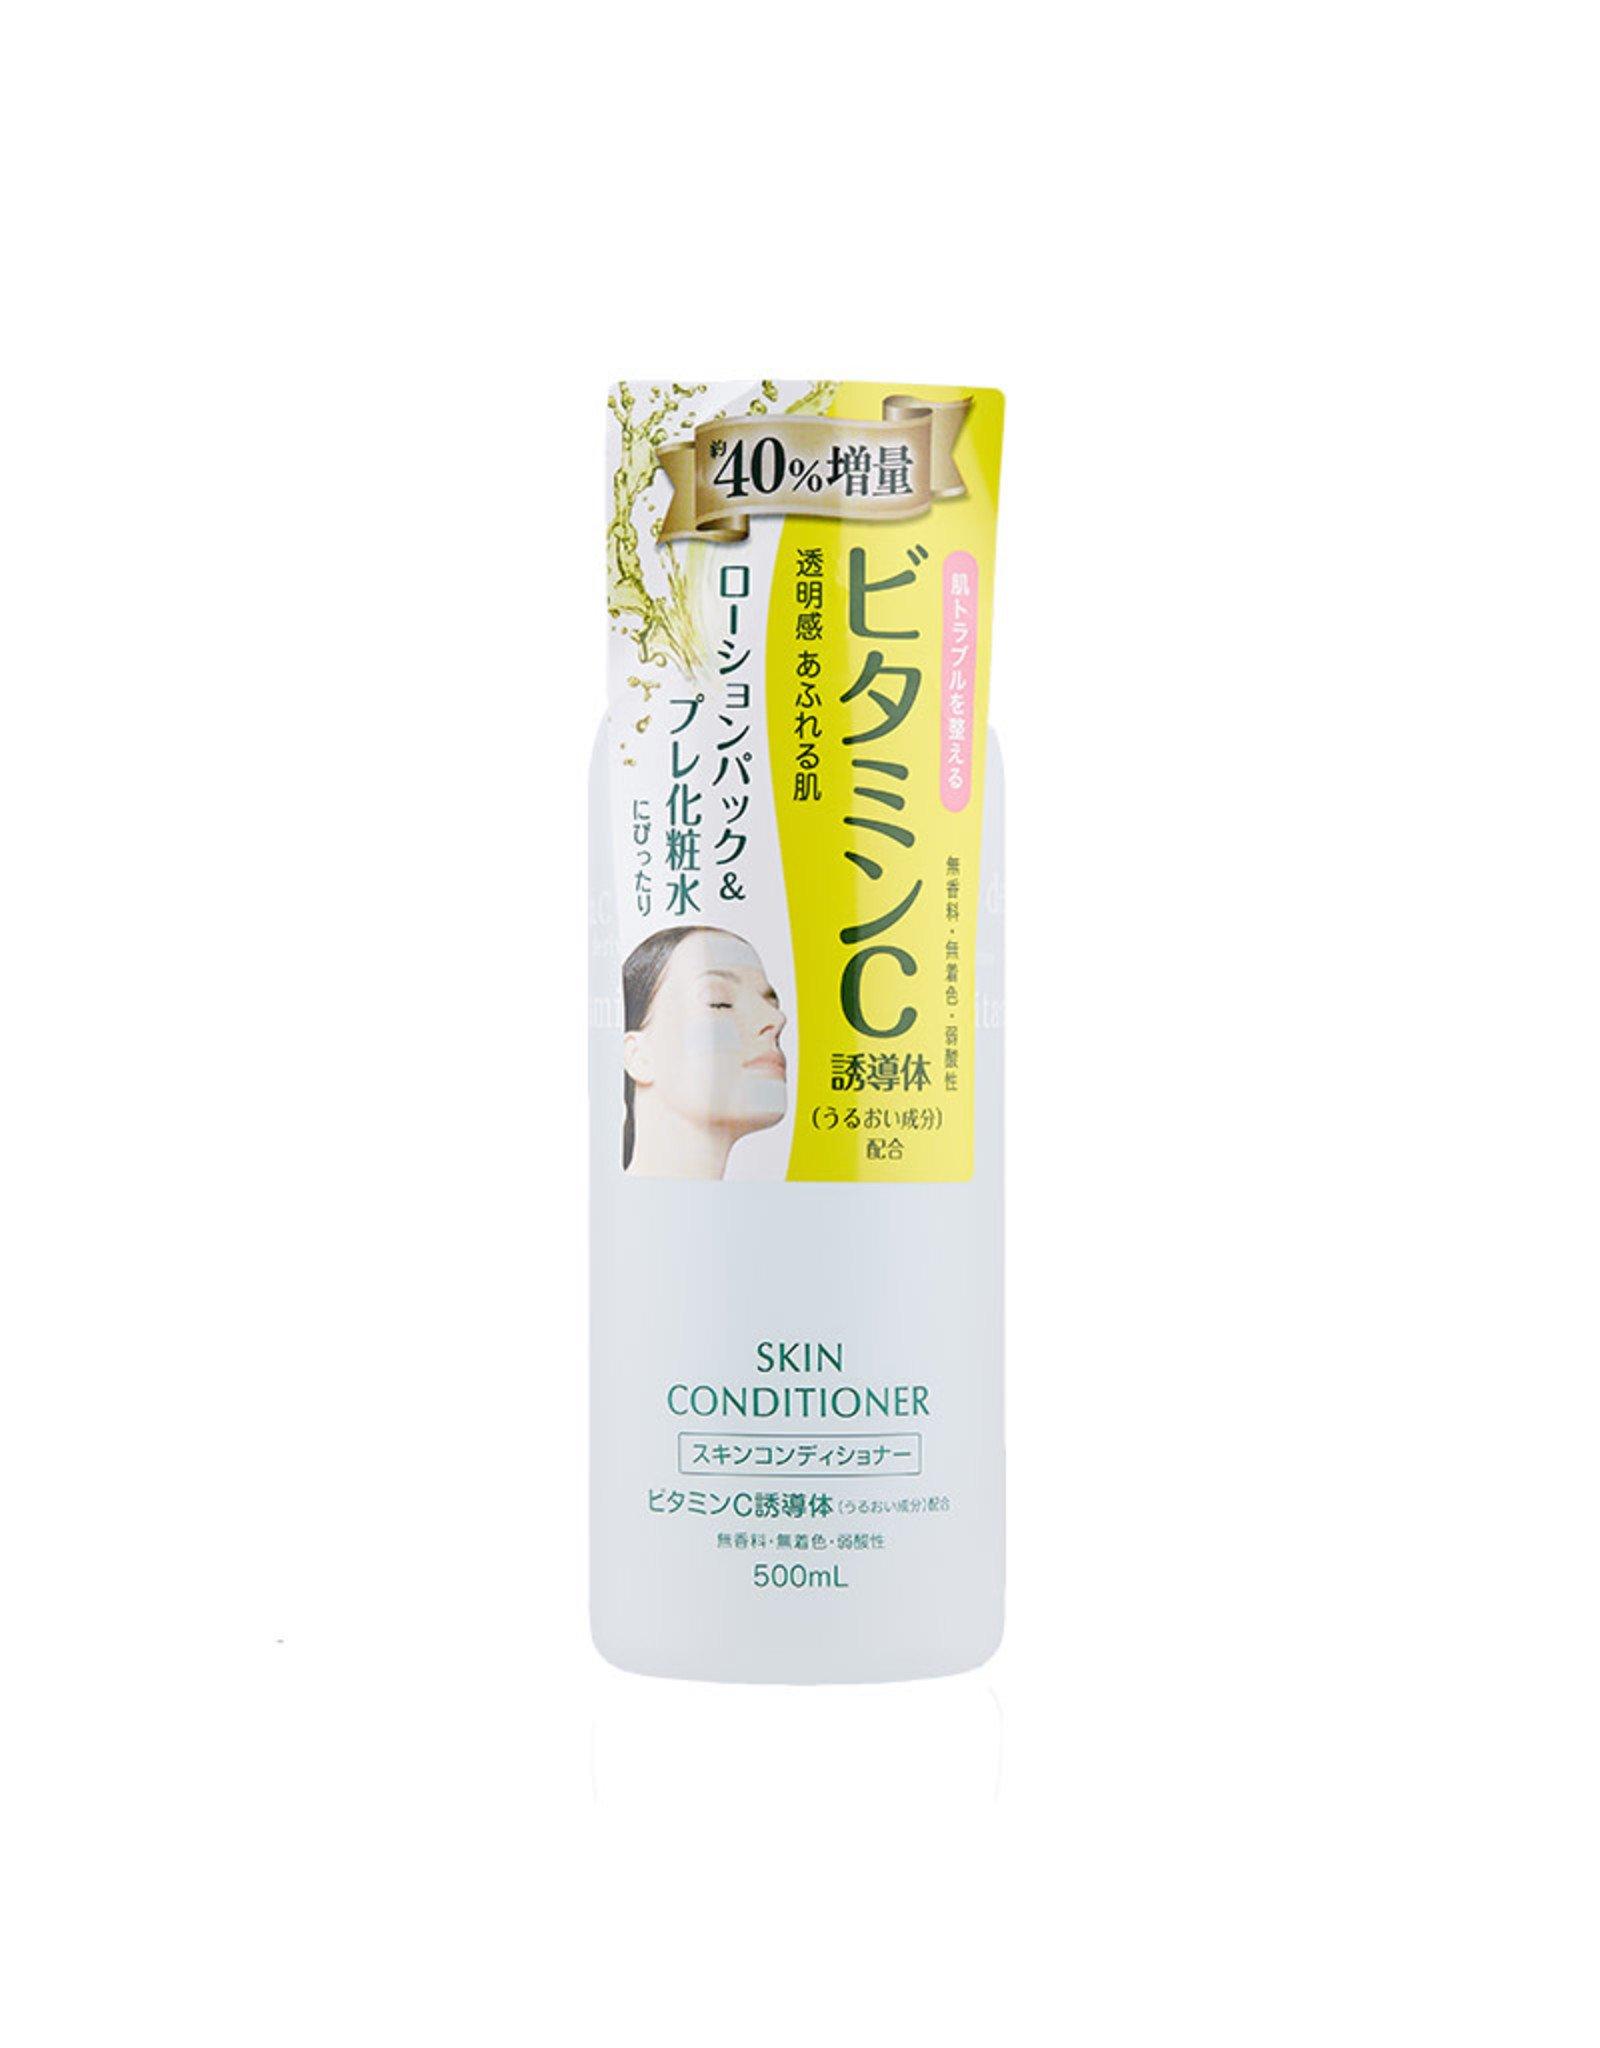 Naris Up Naris Up Cosmetics Skin Conditioner Facial Lotion Vitamin C